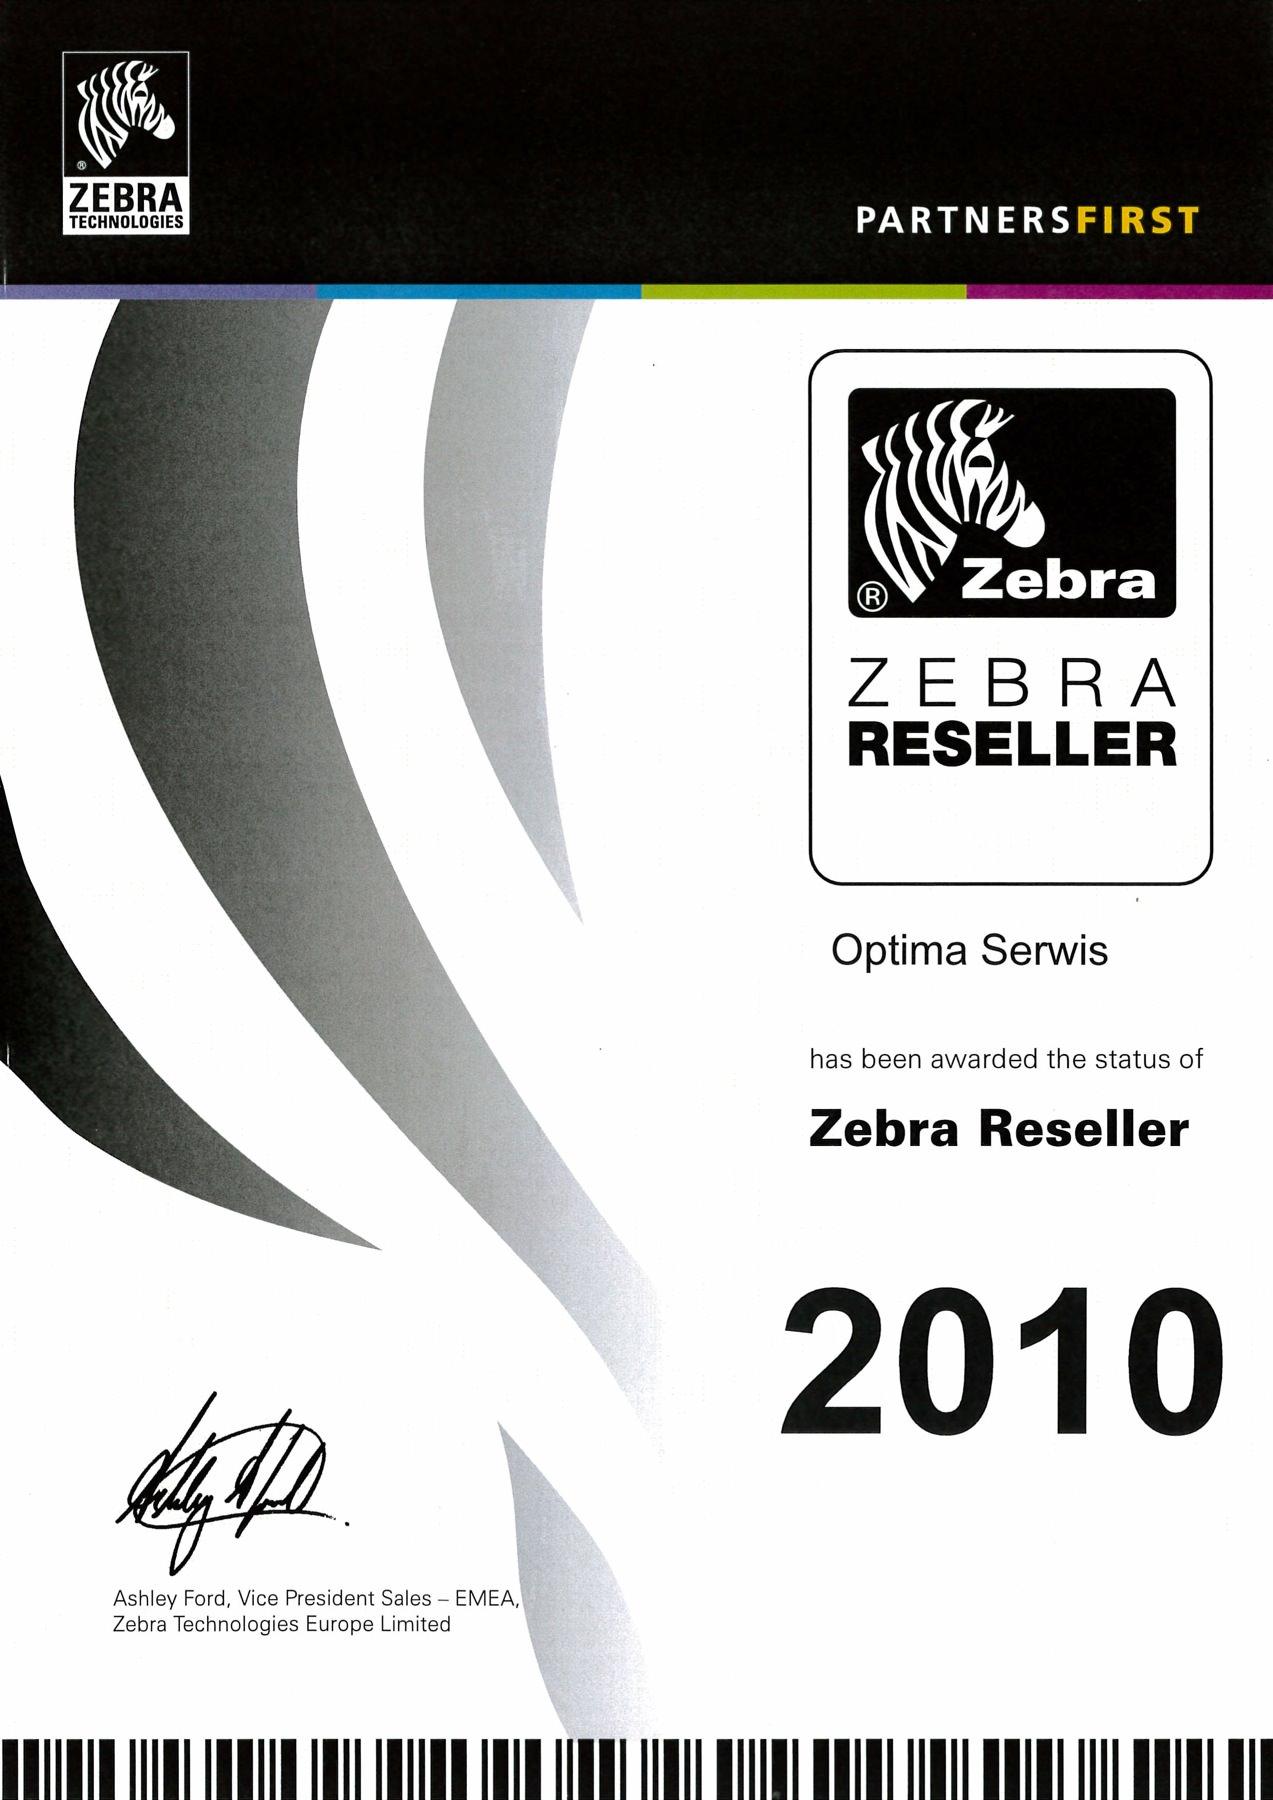 zebra_2010.jpg